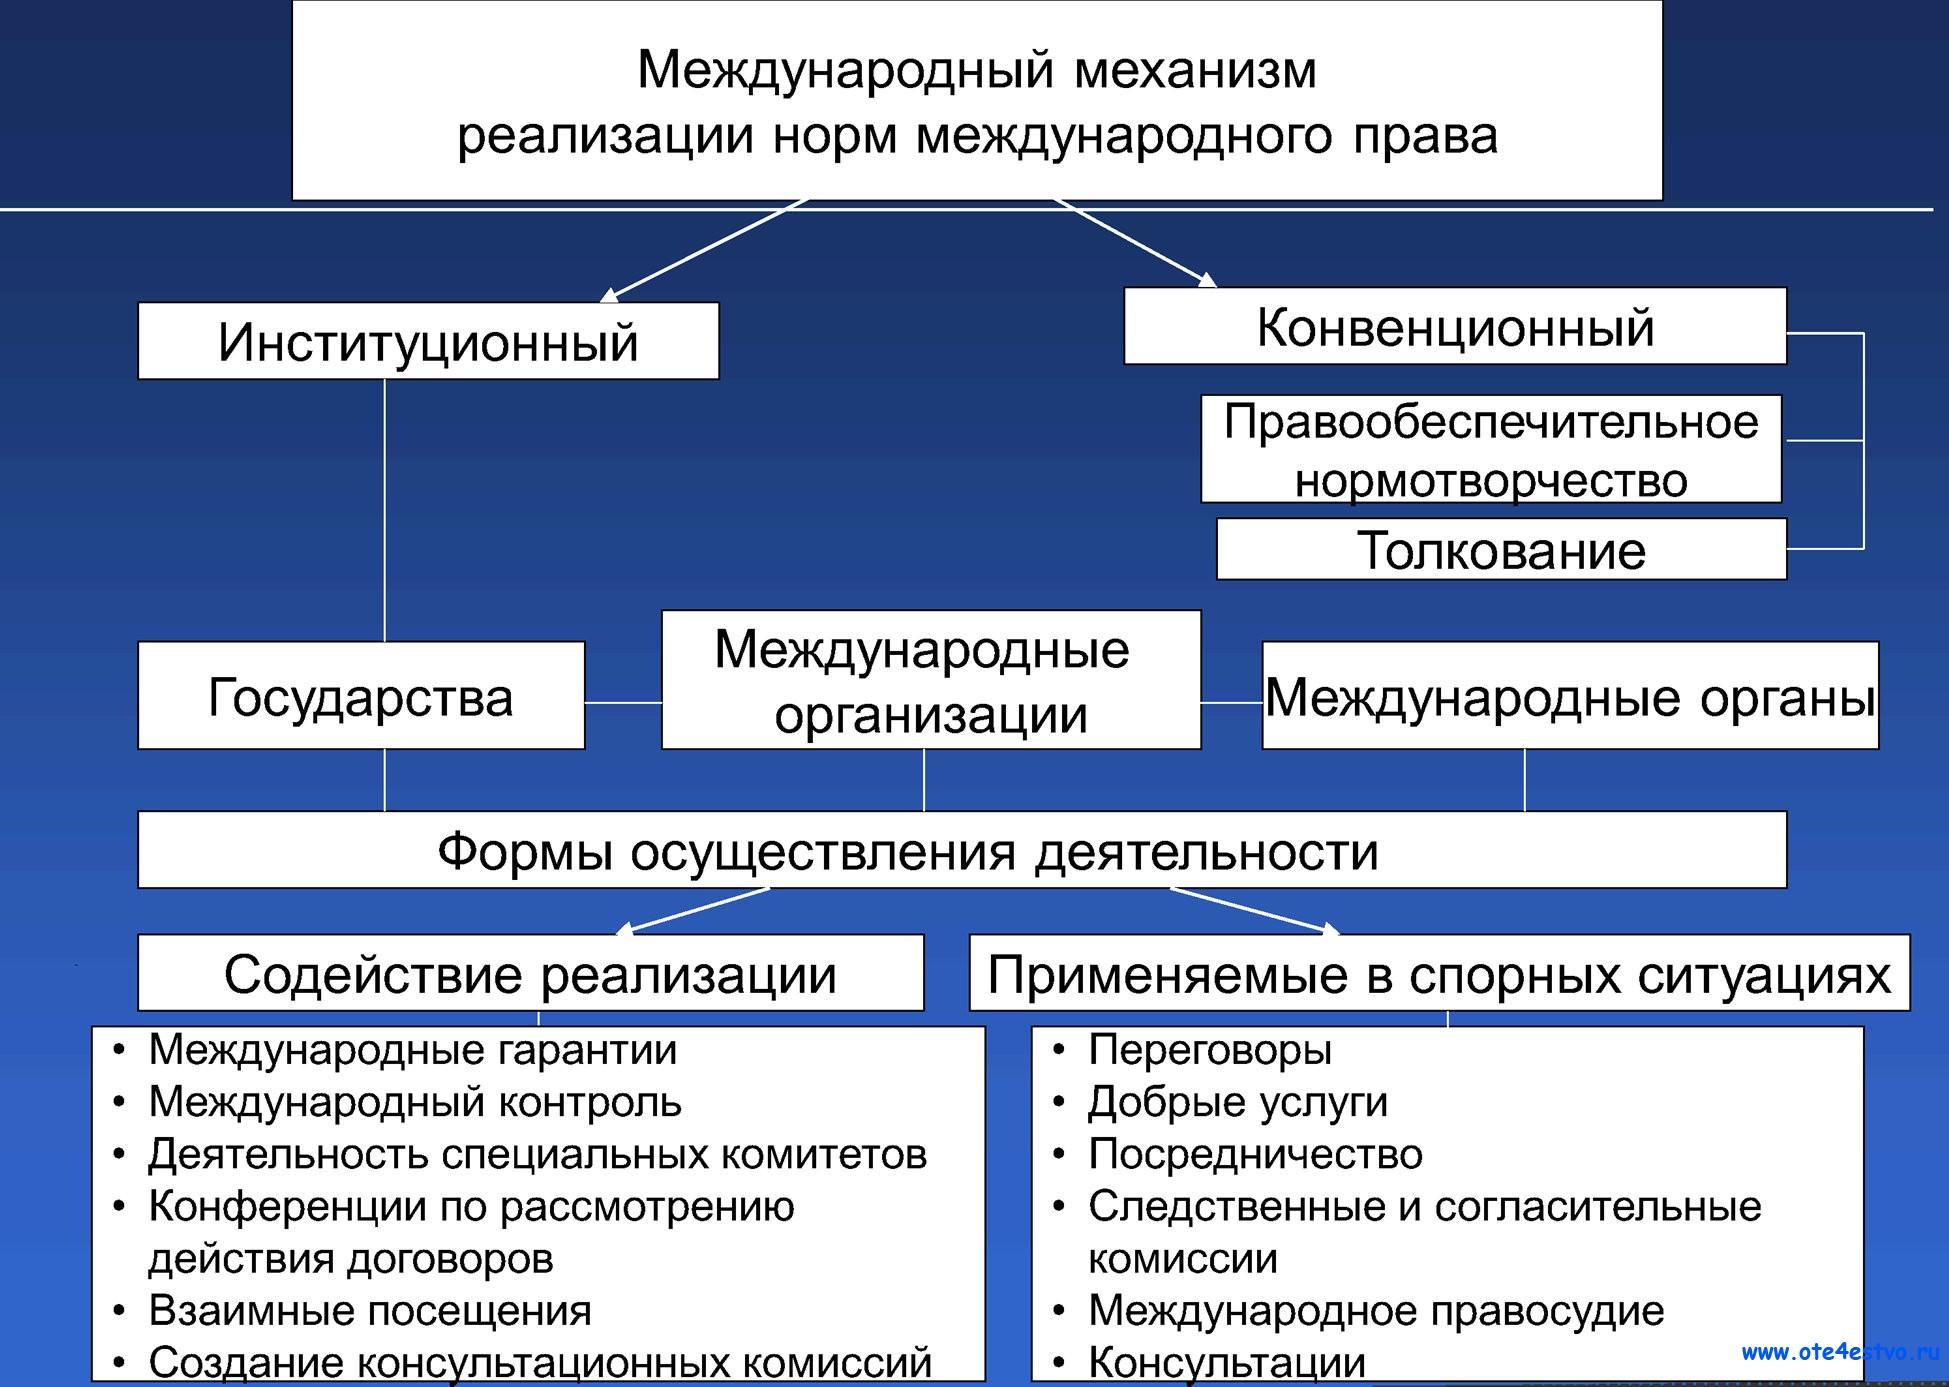 Схемы по международному праву